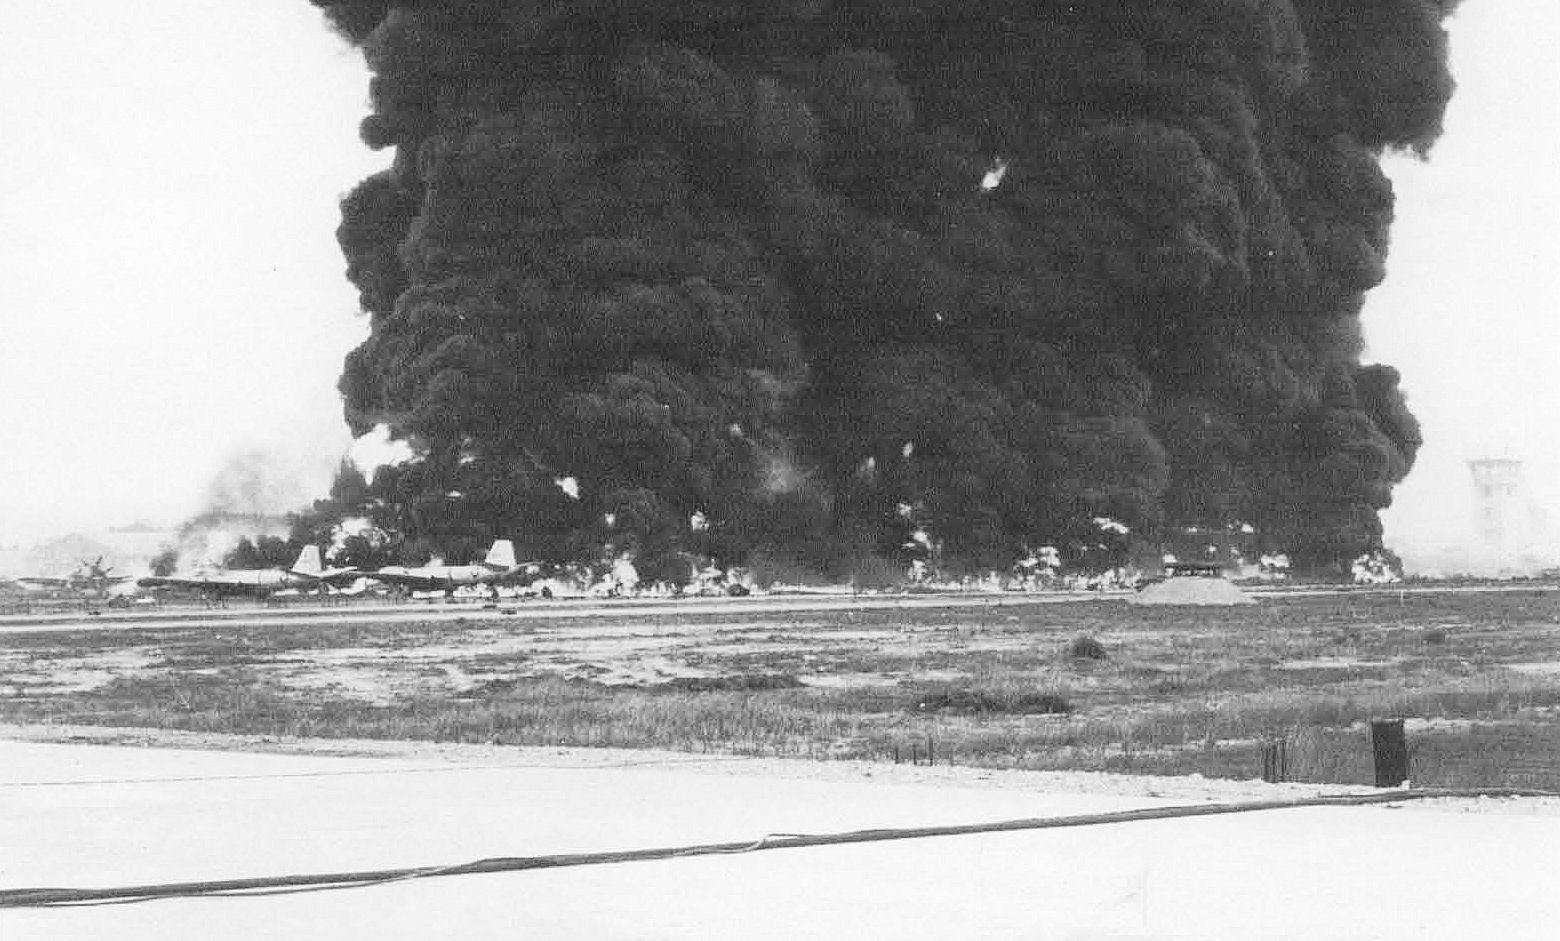 Burning_Aircraft_on_ramp_at_Bien_Hoa_AB_-1